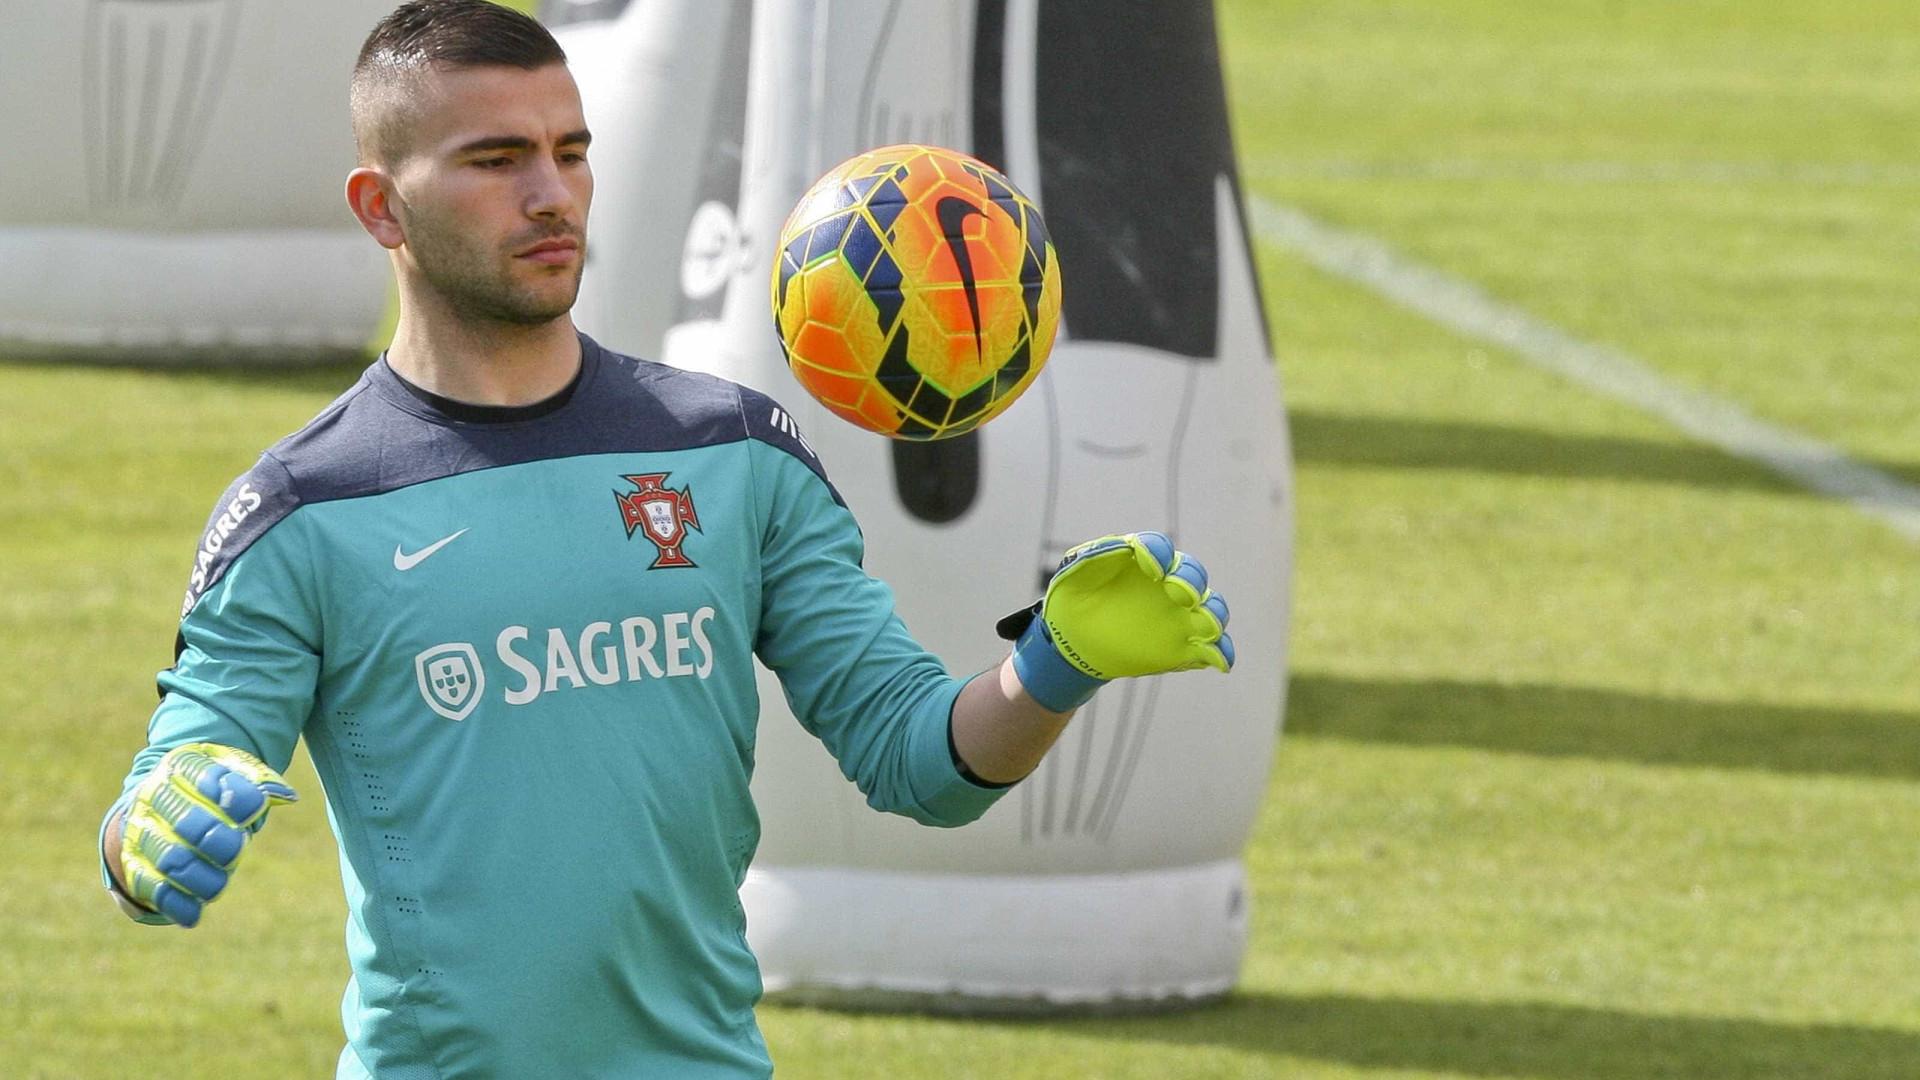 Pepe integrado na seleção portuguesa, Lopes ausente